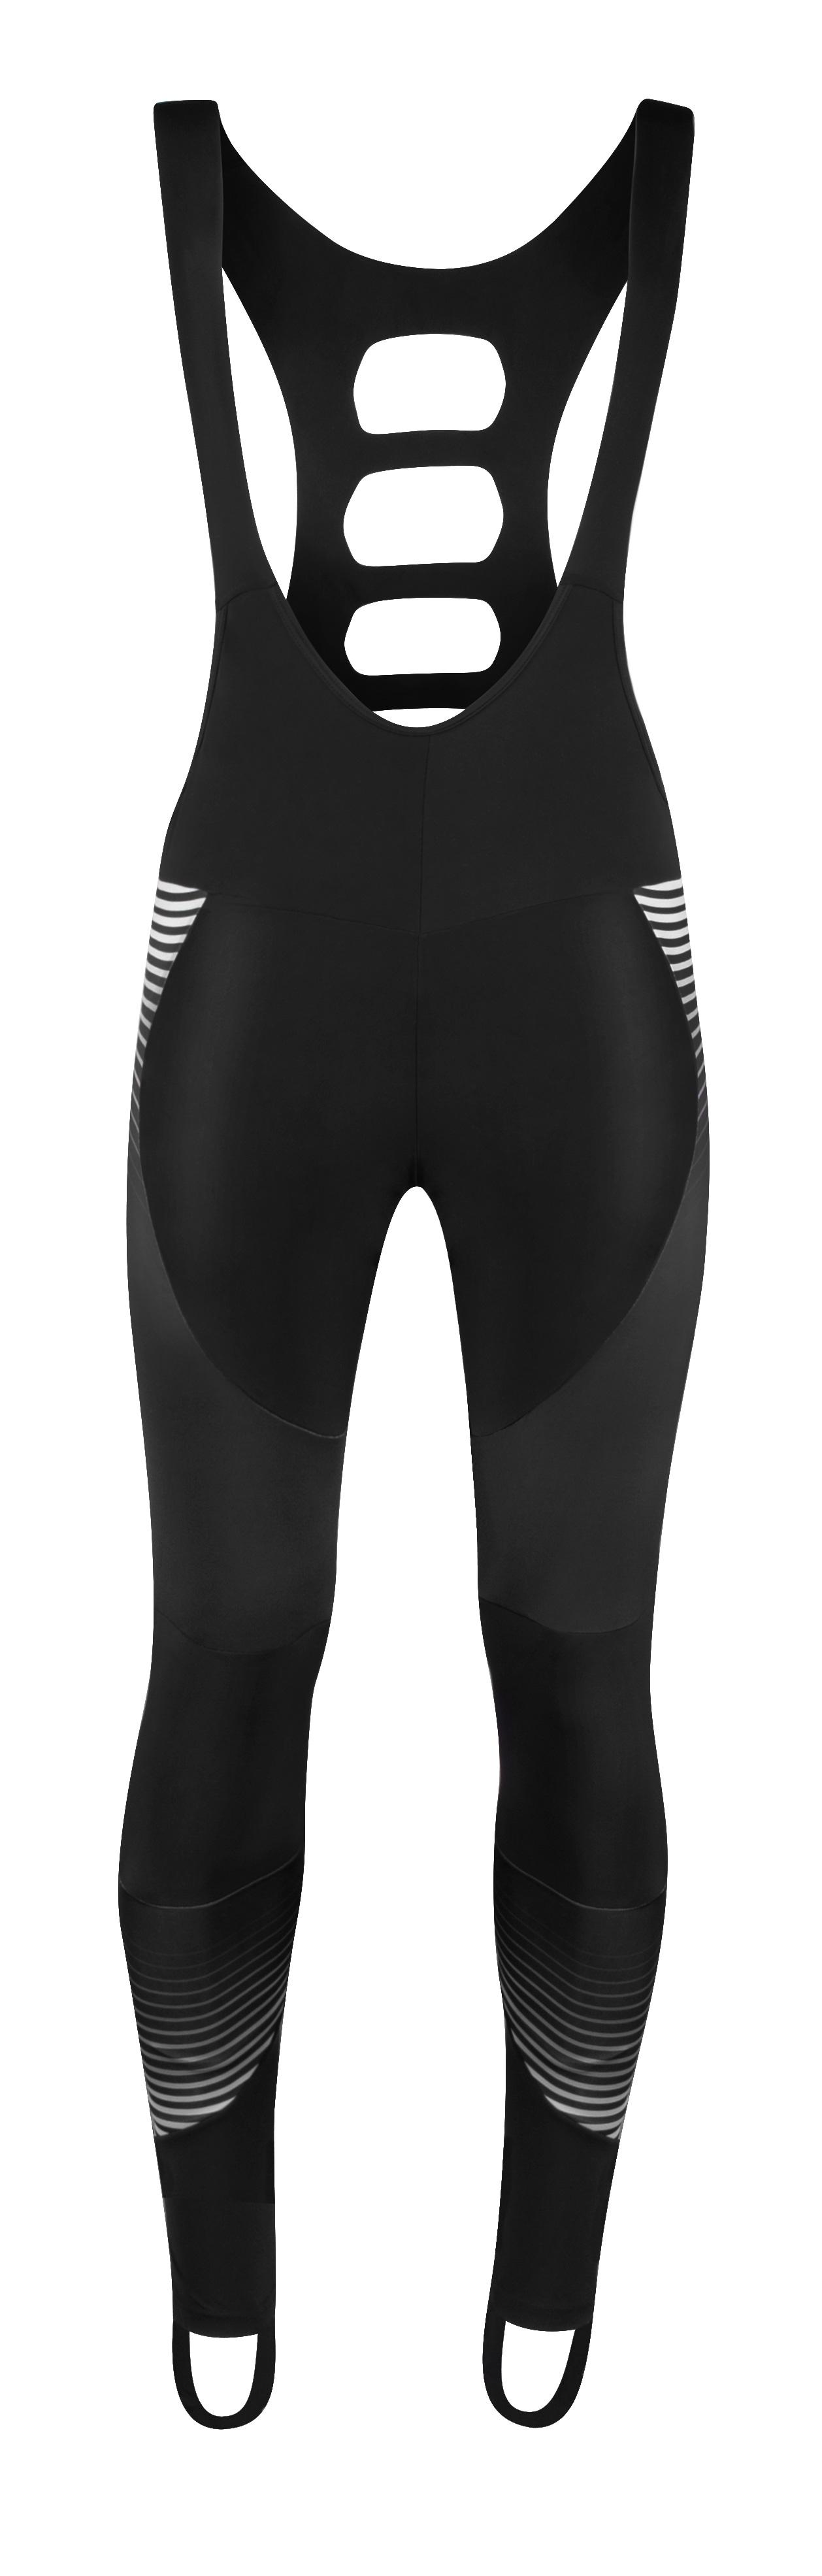 kalhoty F DRIFT WINDse šráky bez vložky,černé XXXL